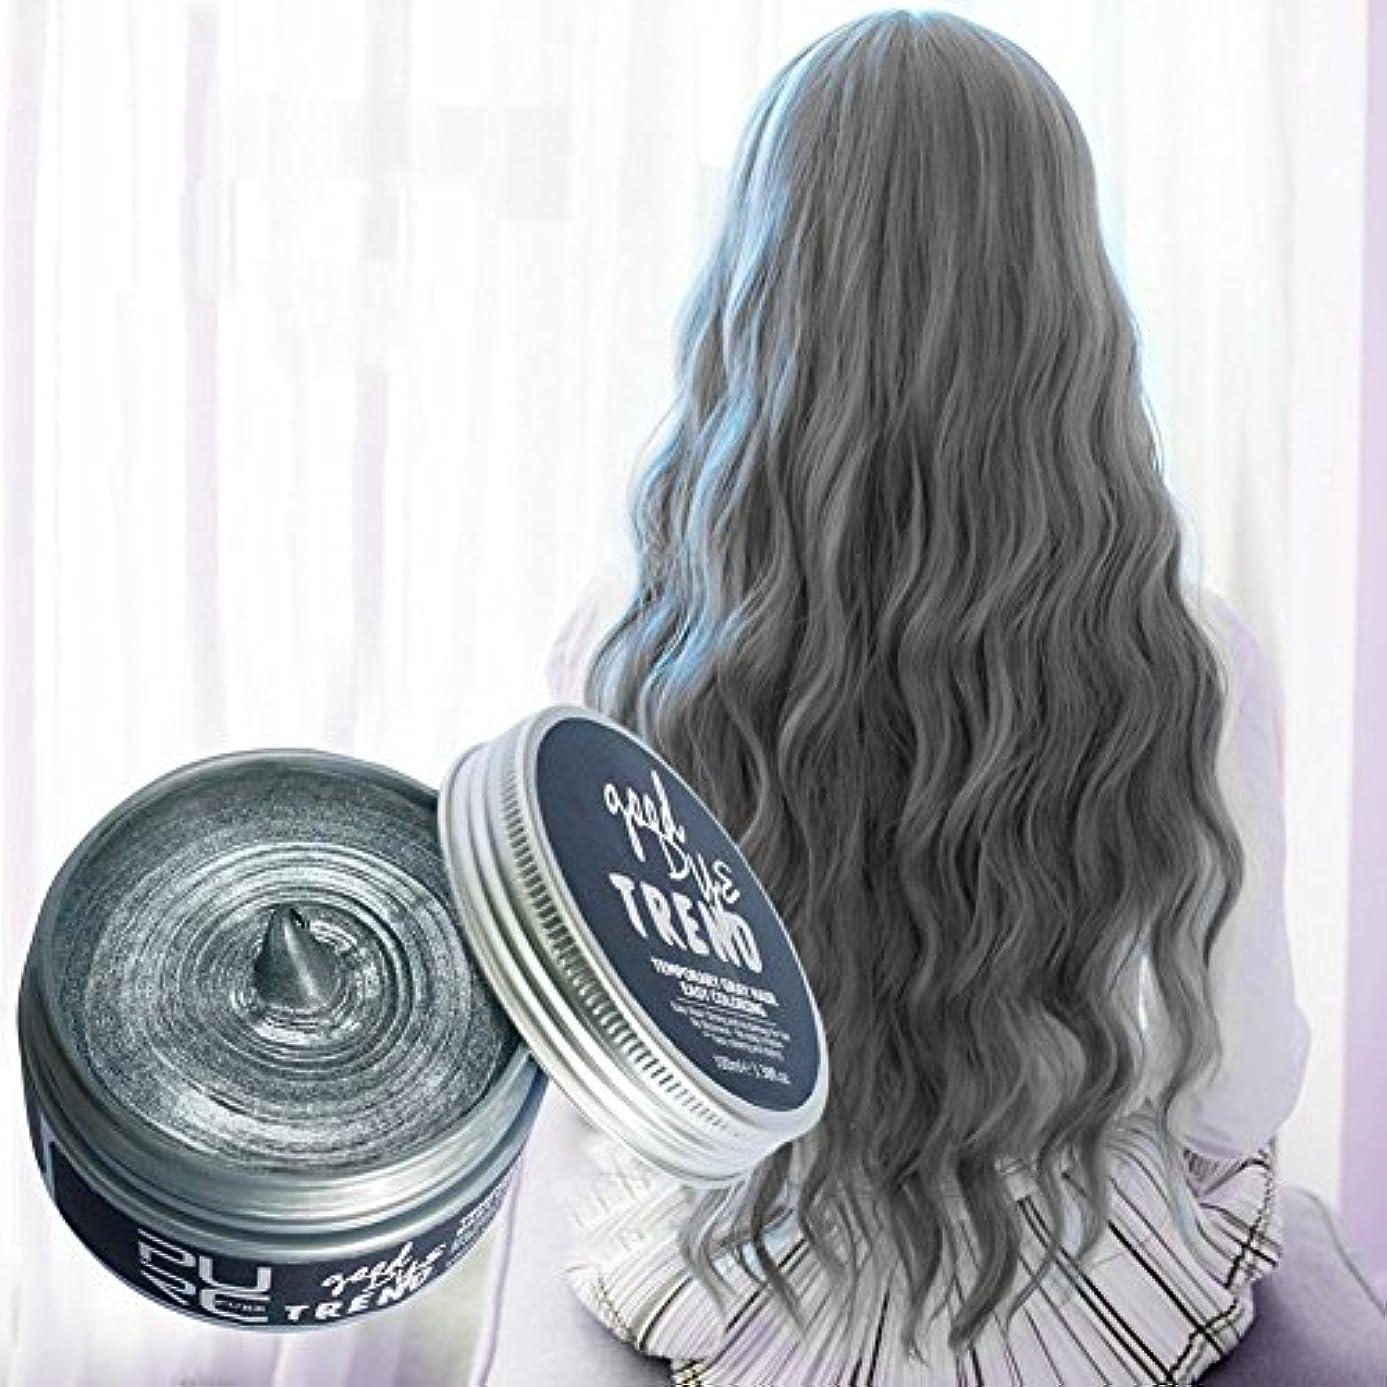 命題追跡リードSILUN ファッションウォッシャブル7色ヘアカラーポマードワックスマッド染料スタイリングクリーム使い捨てdiyヘアカラーワックス 染毛剤